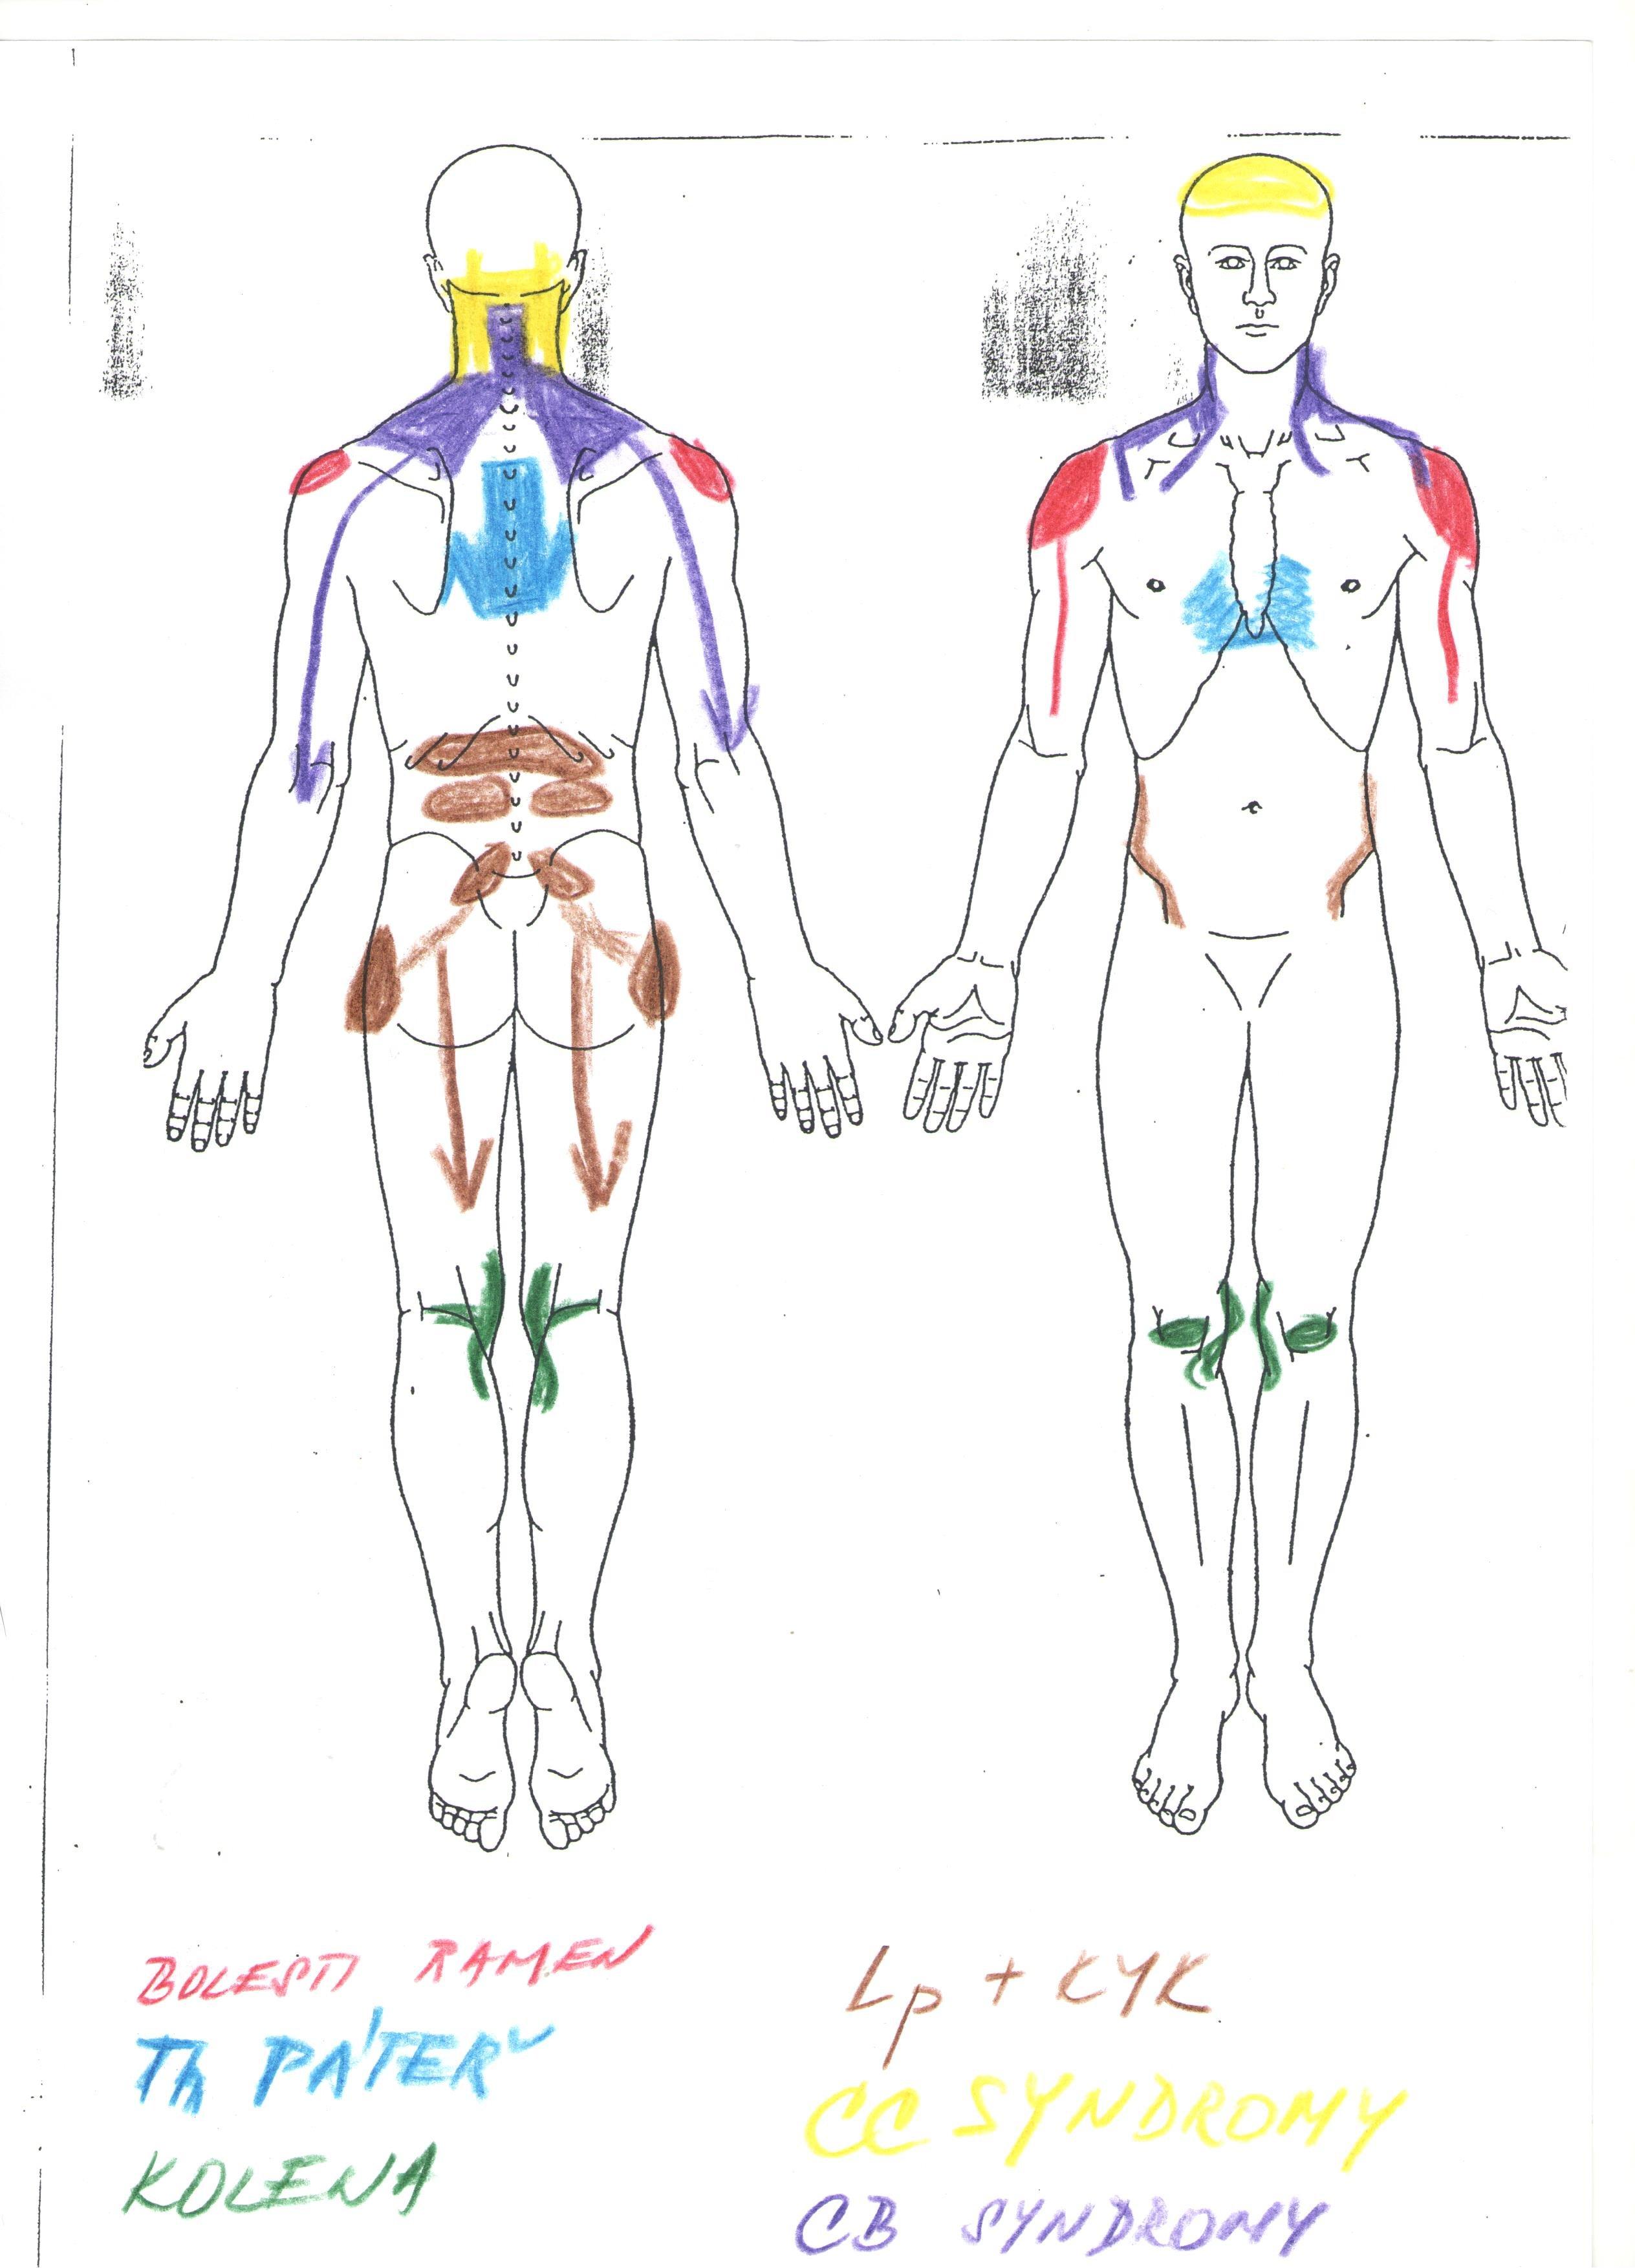 obrázek lidského těla a jeho částí